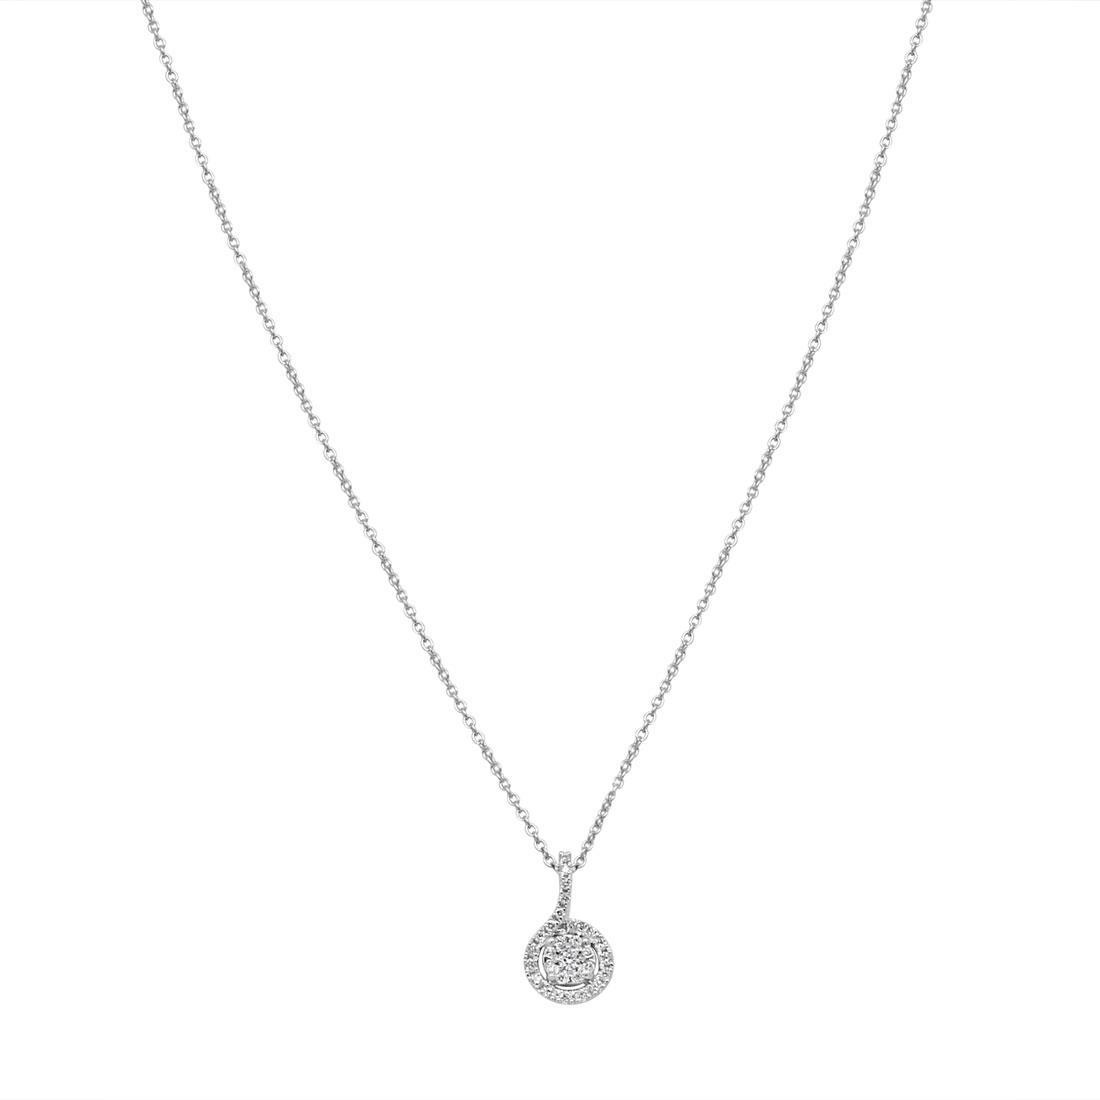 Collana con pavé di diamanti 0.32 ct - BLISS